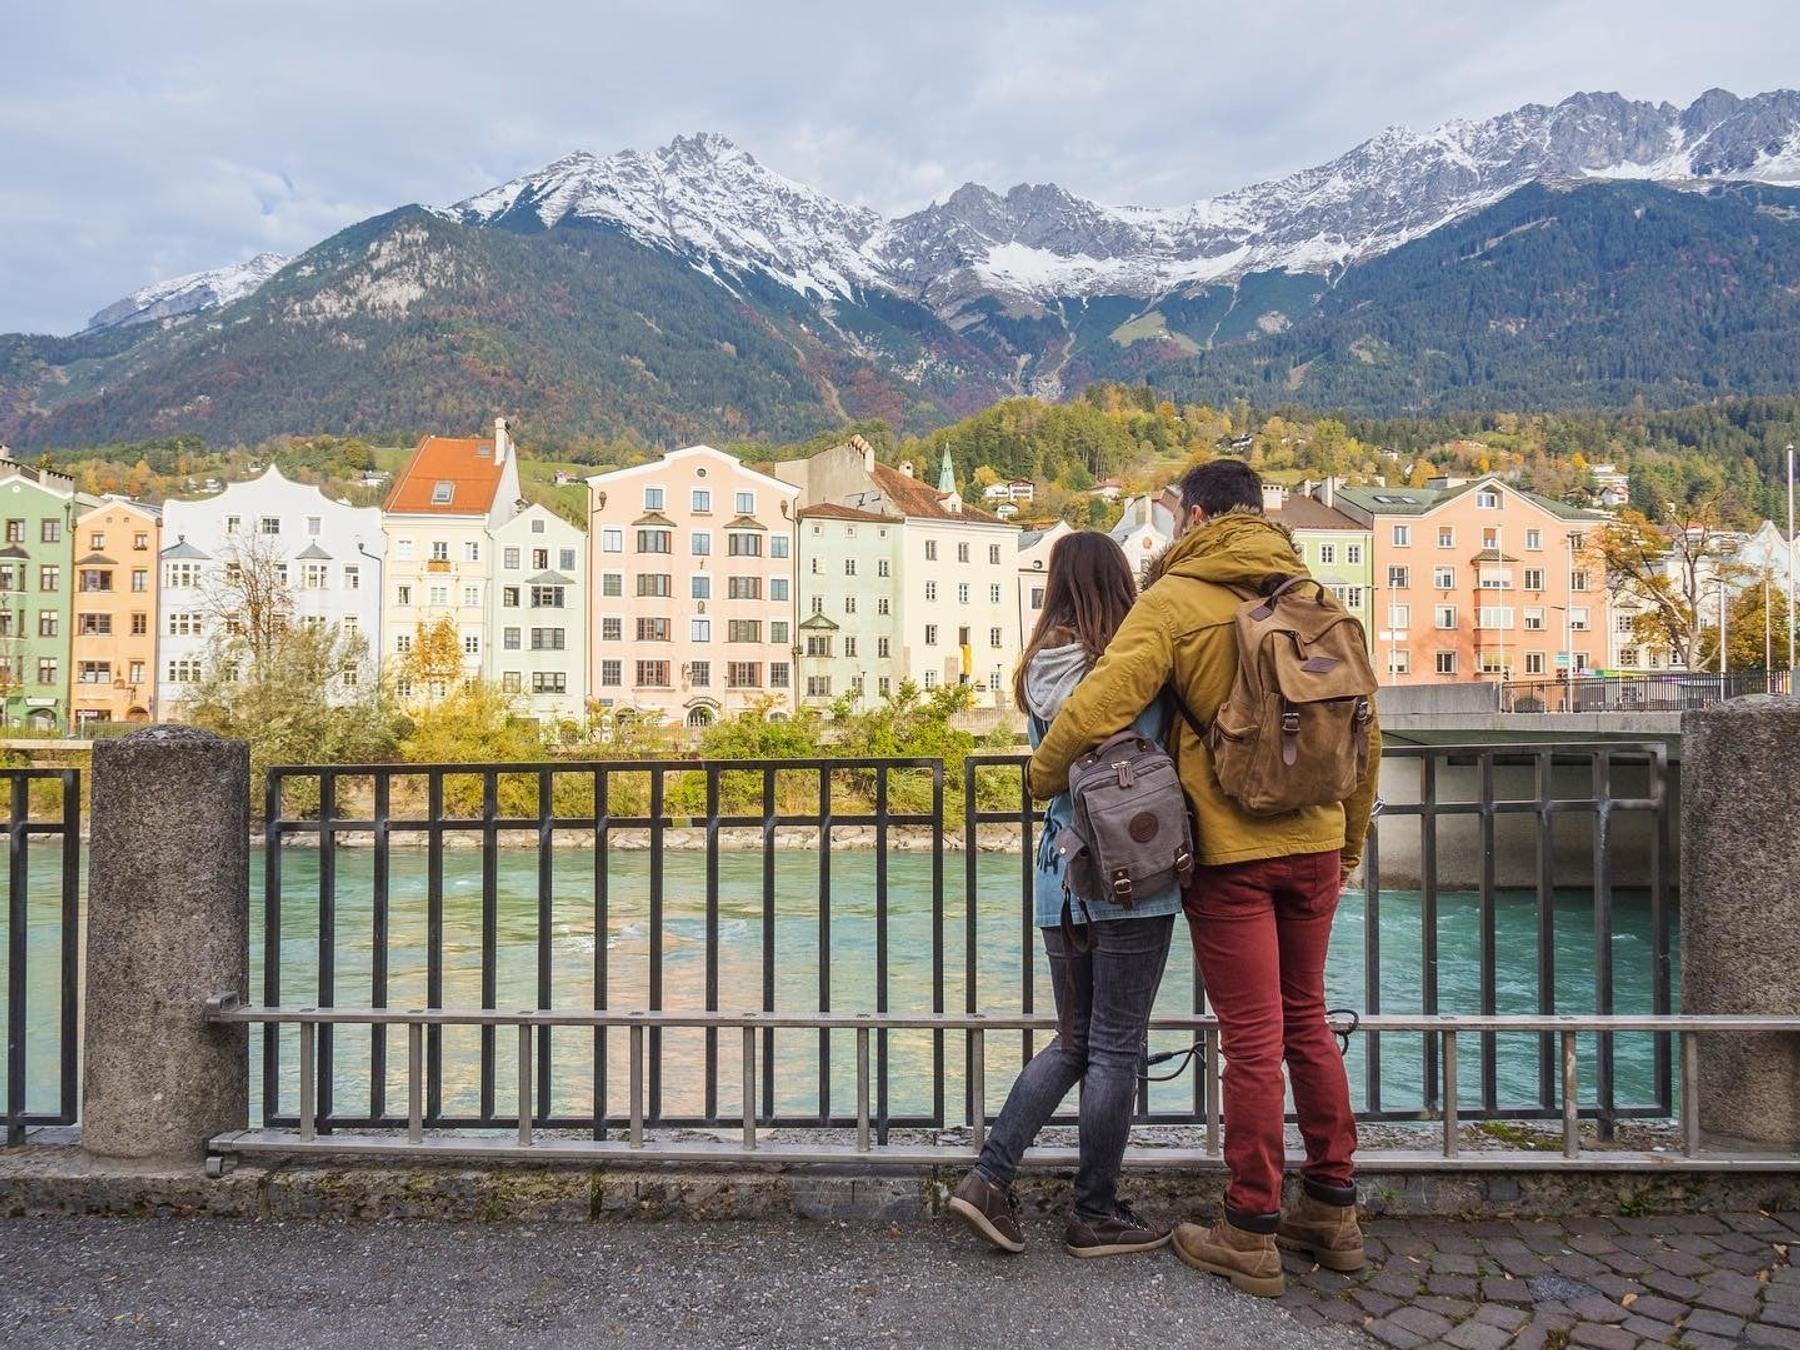 Österreich erlaubt die Einreise bereits mit nur einer Impfdosis